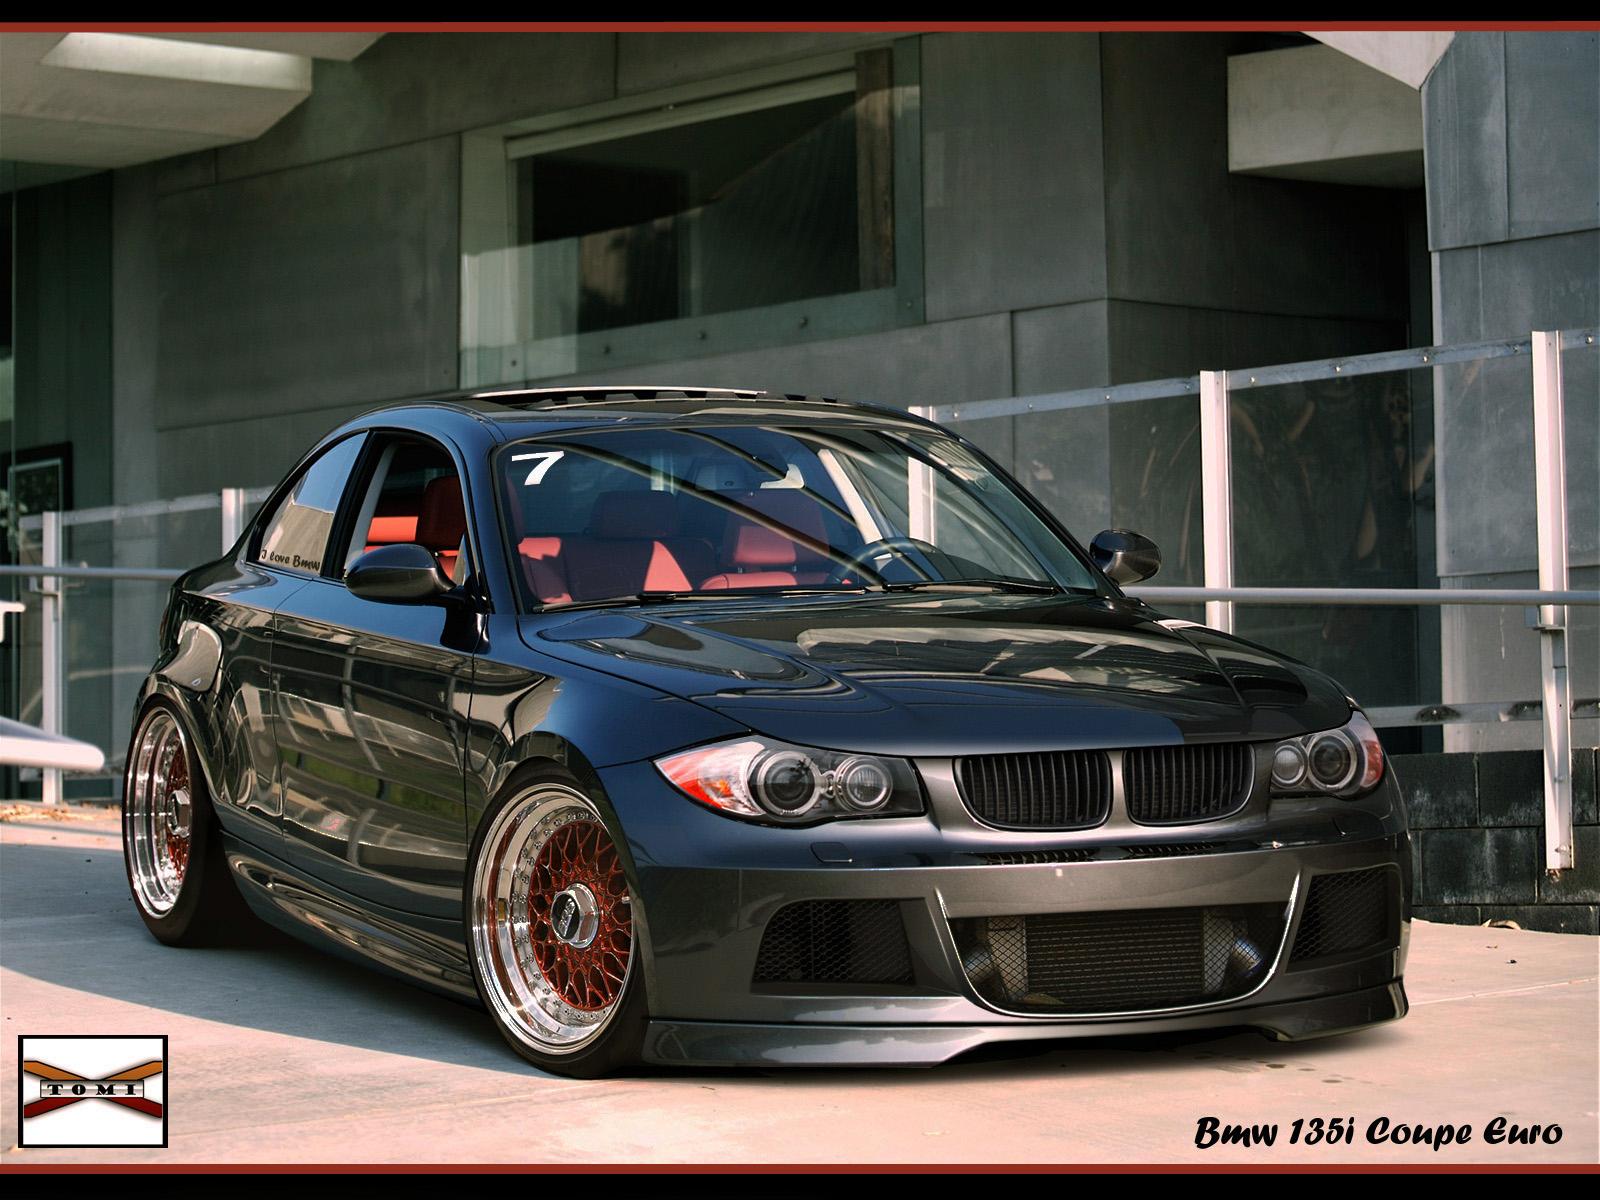 X-Tomi Design: Bmw 135i Coupe Euro